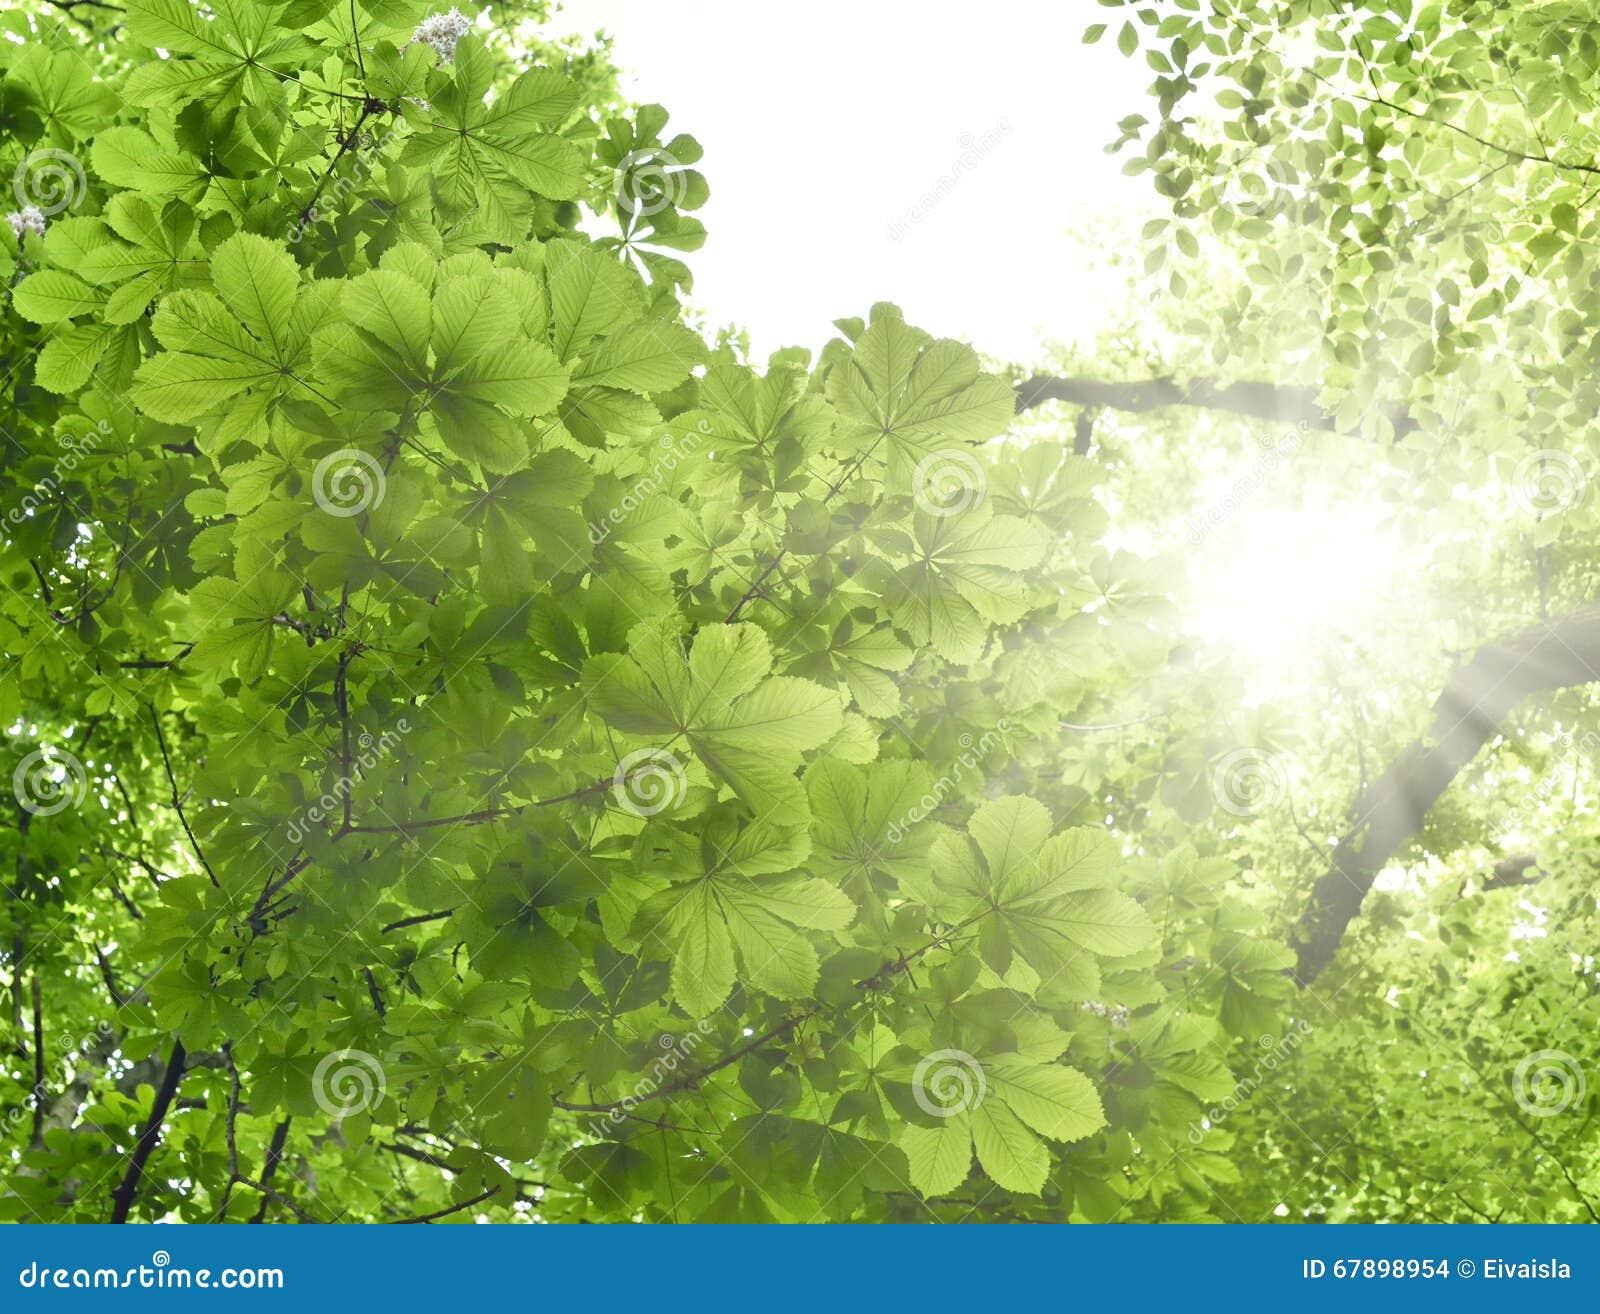 Mischwald mit Kastanienbaum- und Buchenbaum in der Sonne